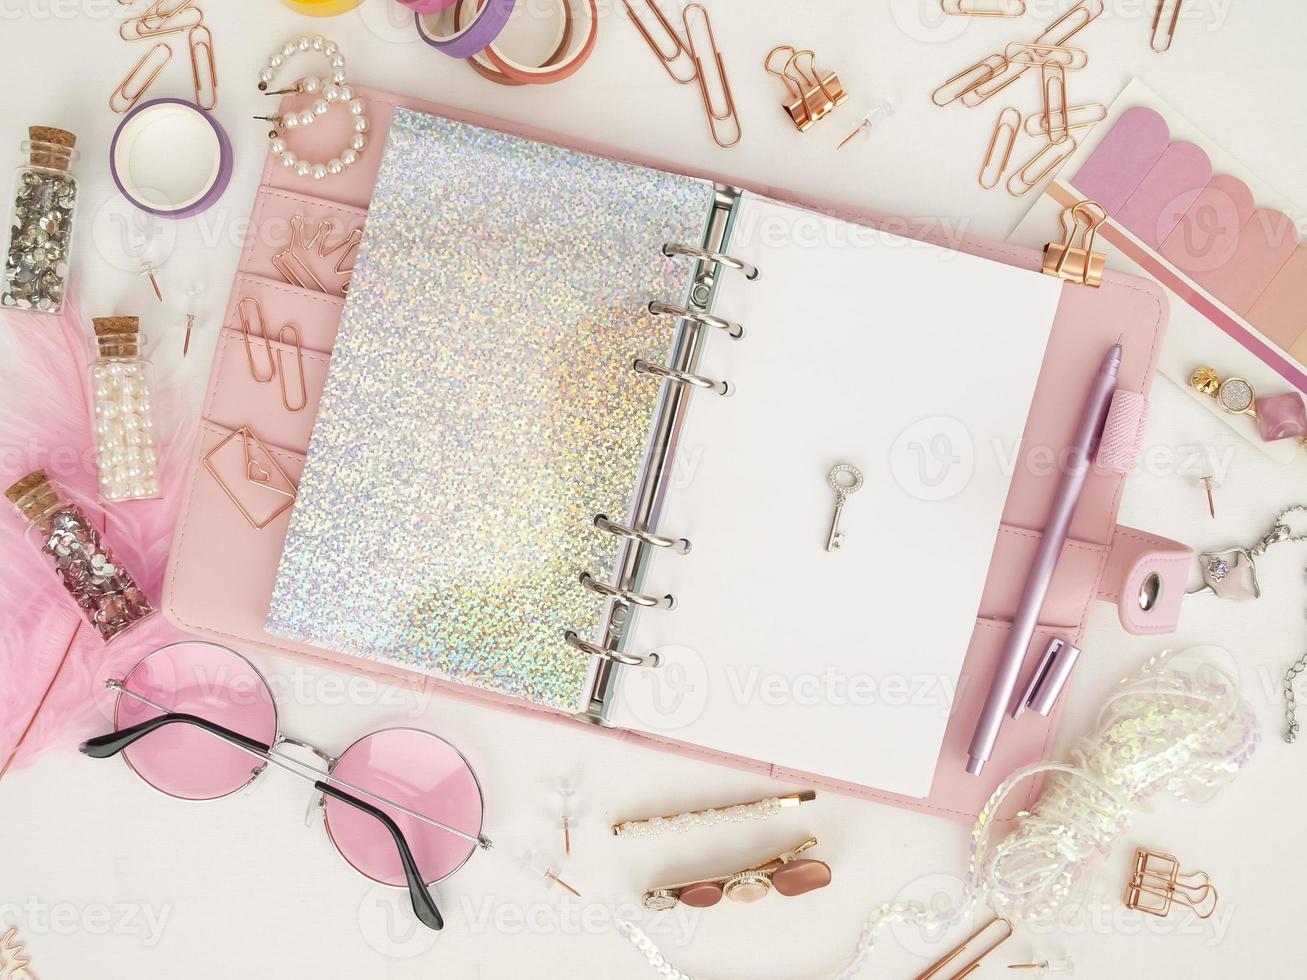 silberner Schlüssel auf der weißen Seite des Planers. Tagebuch offen mit weißer und holografischer Seite. Draufsicht auf den rosa Planer mit Briefpapier. rosa Glamour-Planer Dekorationsfoto foto